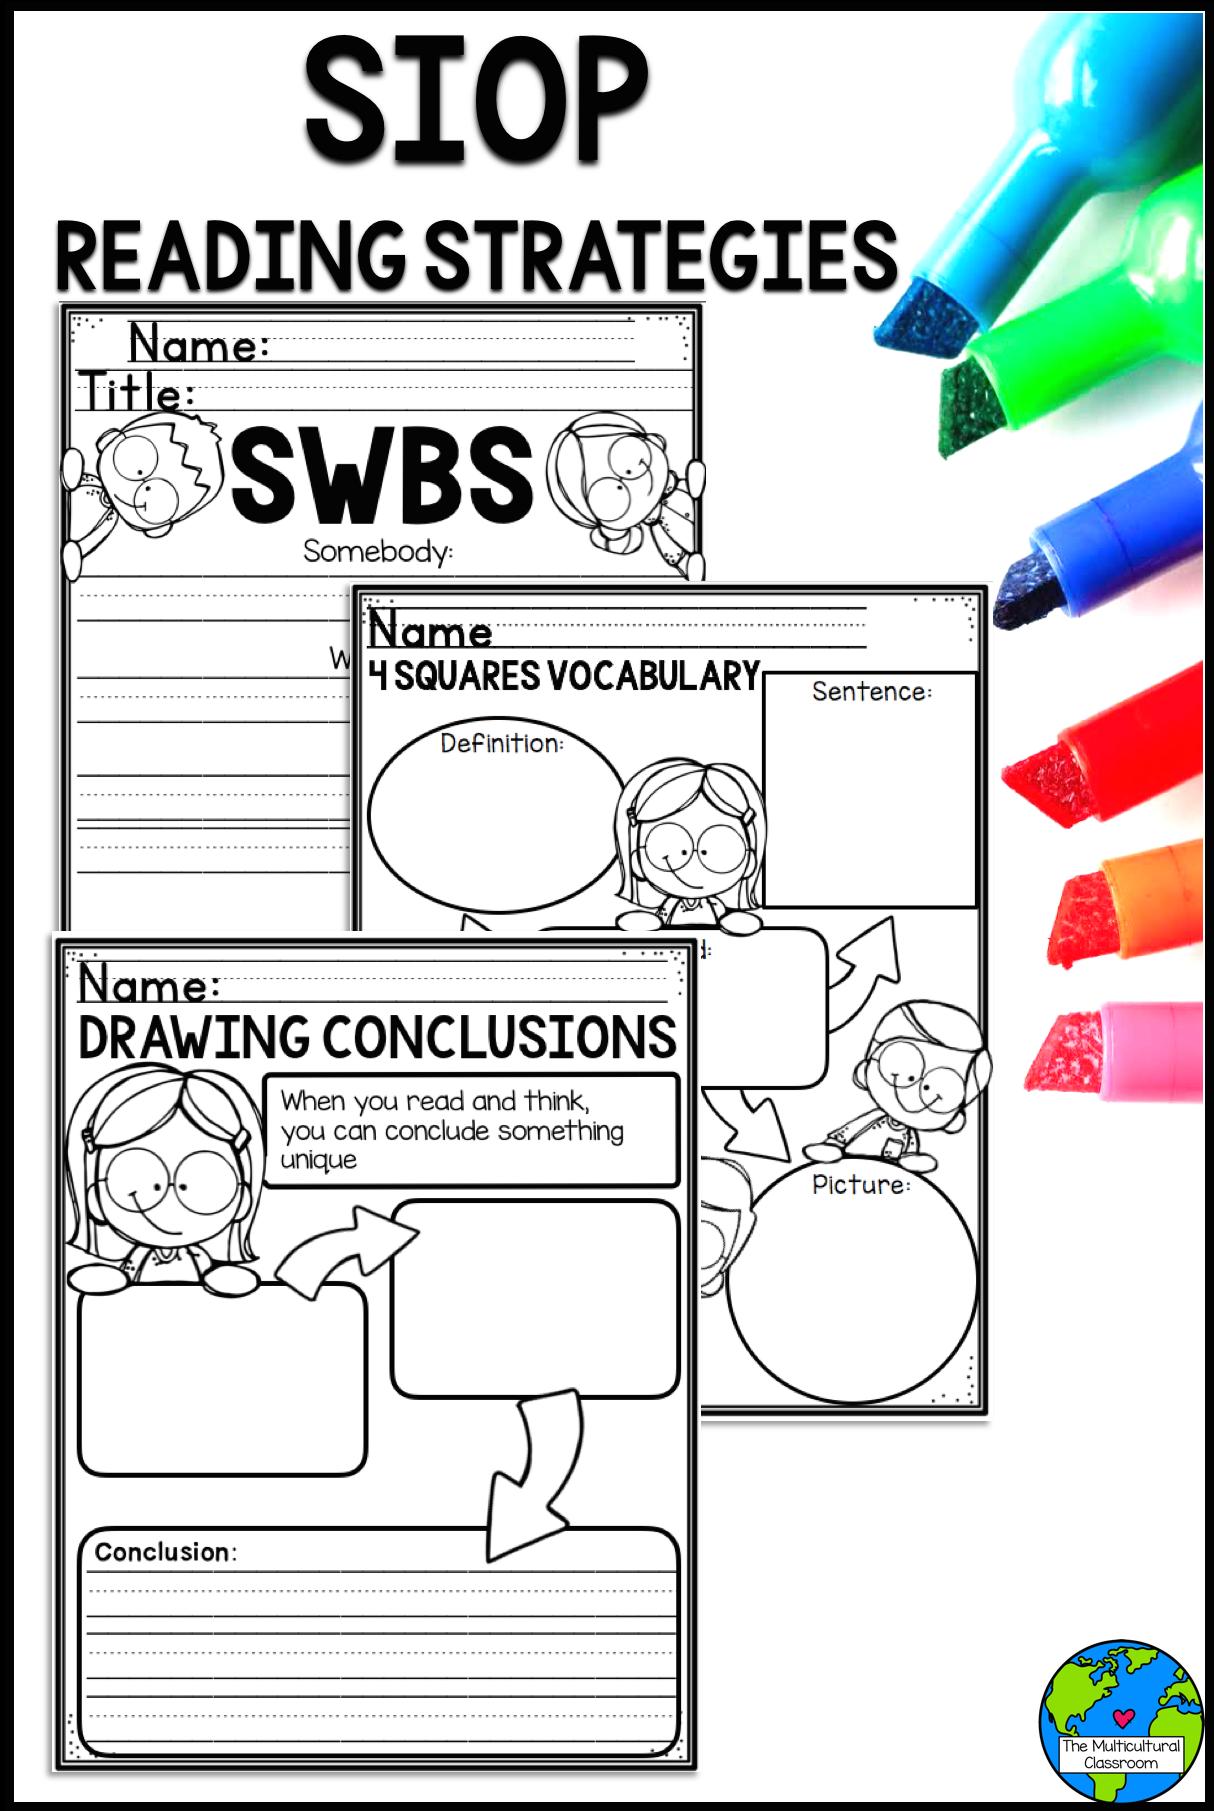 Siop Reading Strategies Worksheets